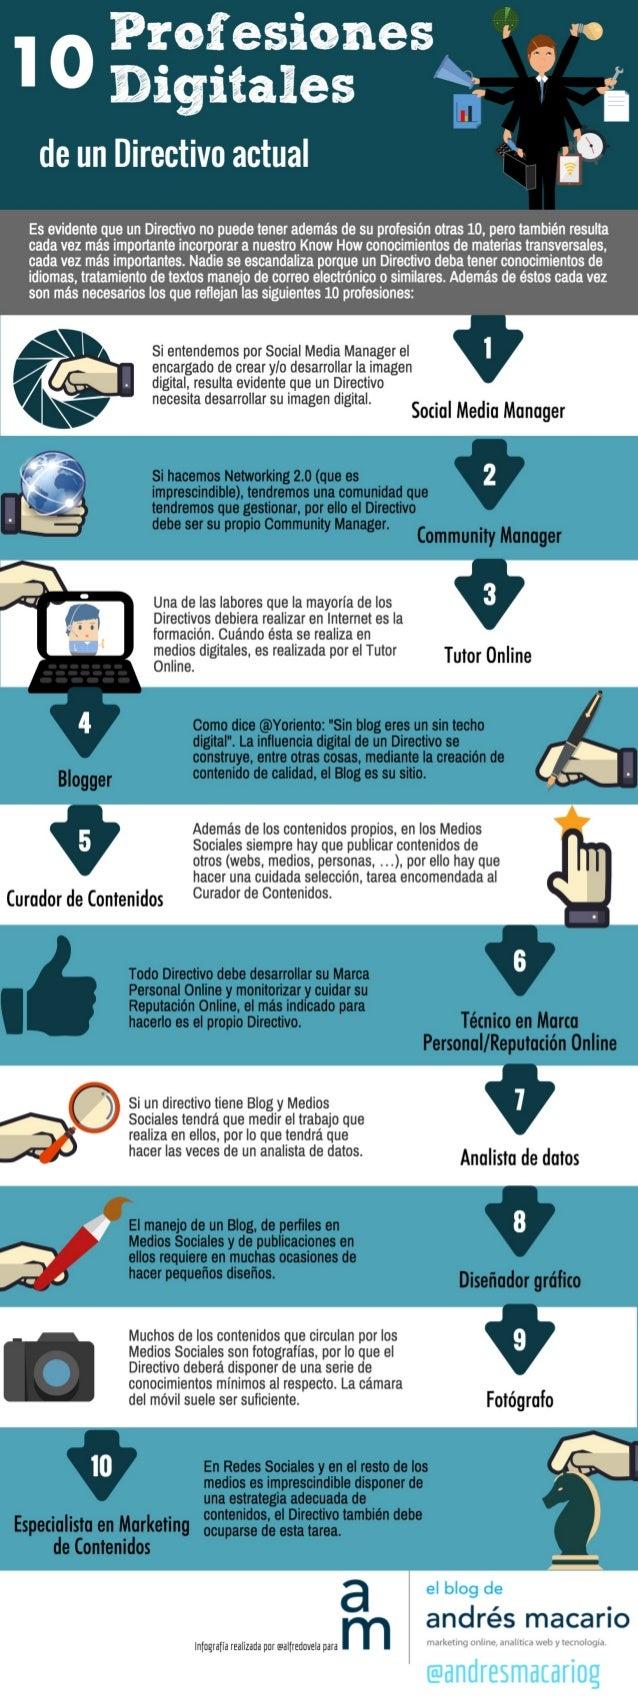 10 profesiones-digitales-directivo-actual-infografia-andres-macario